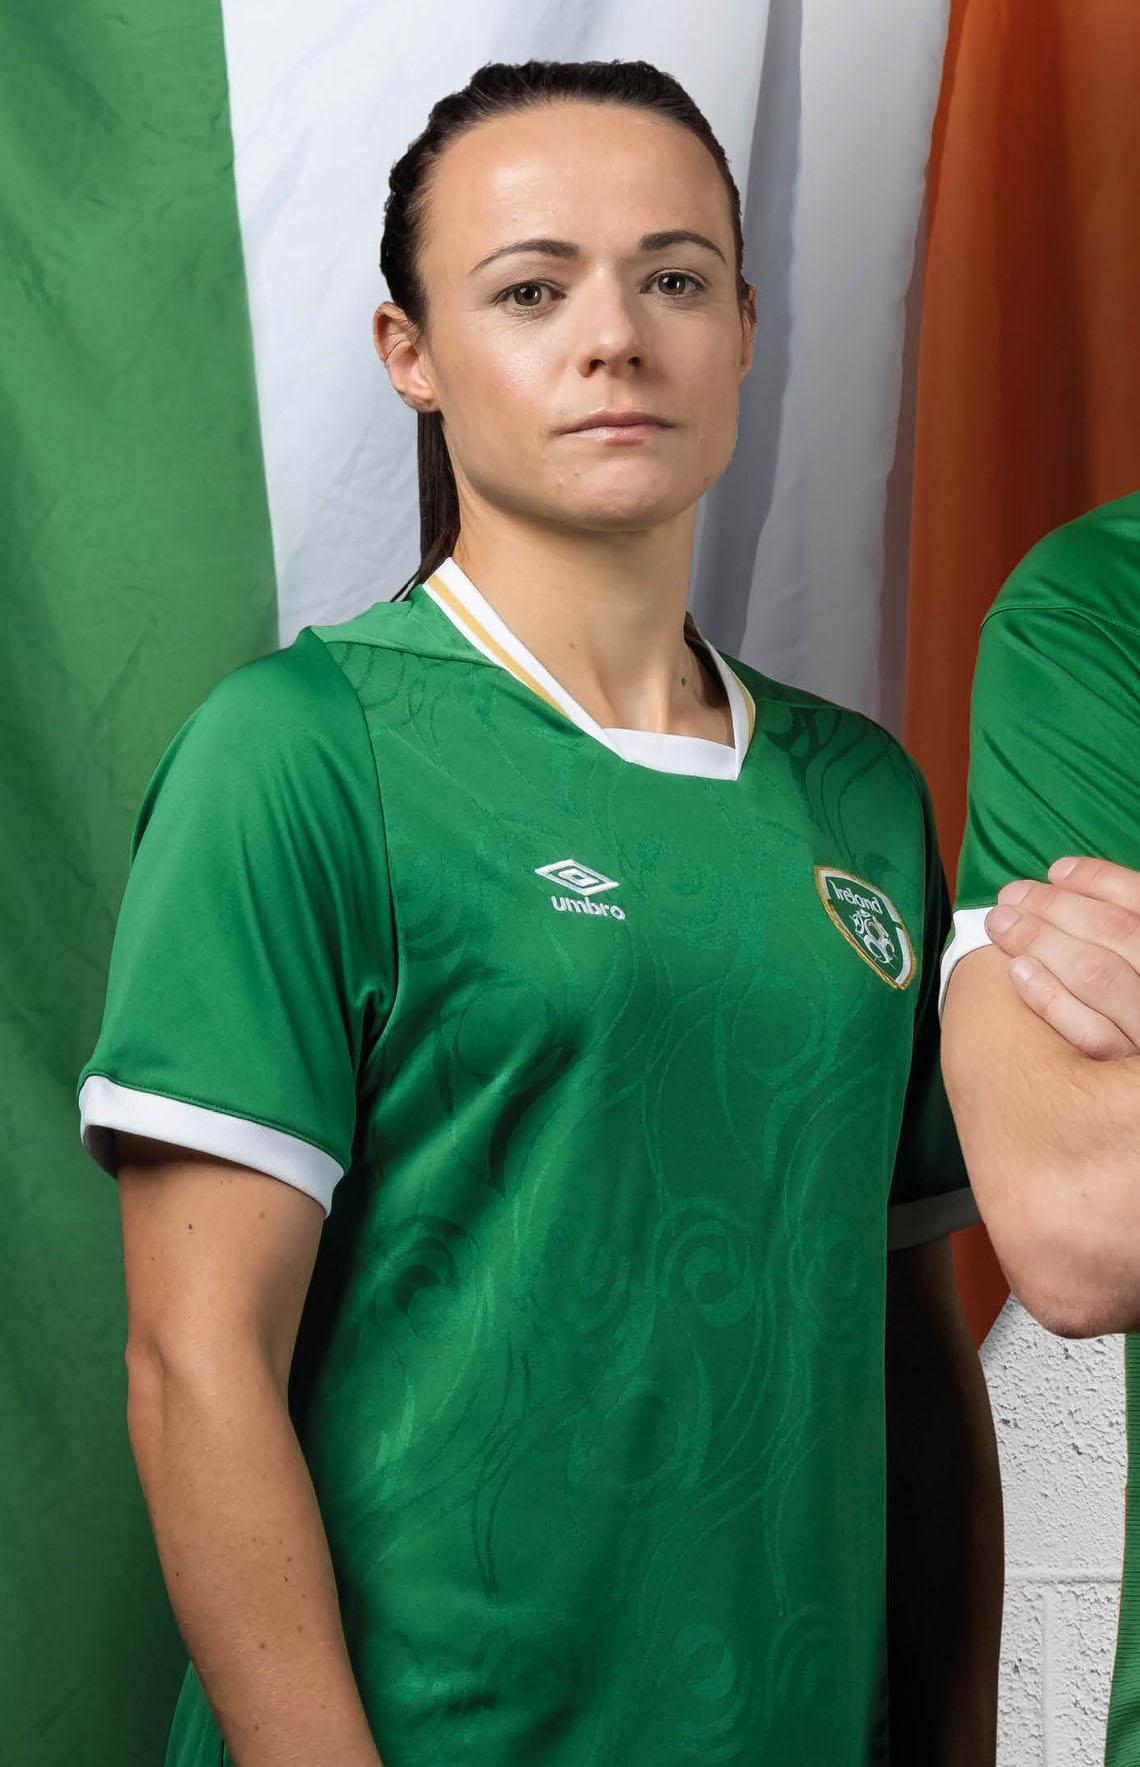 Camisas da Seleção da Irlanda 2020-2021 Umbro Home Mulher